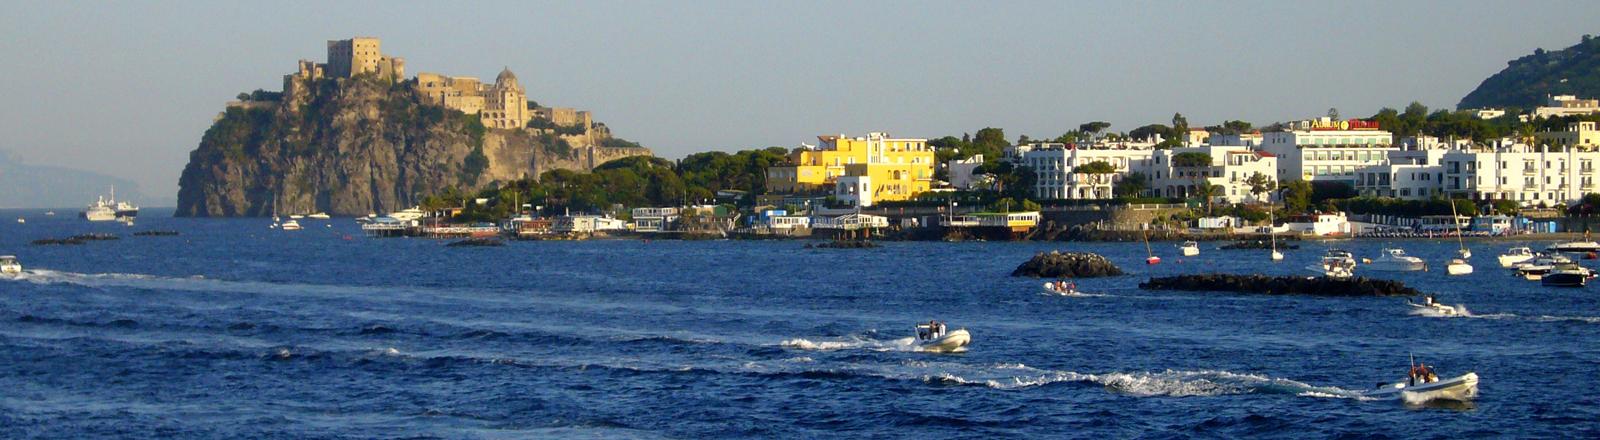 Ein Bild von der Insel Ischia im Mittelmeer.